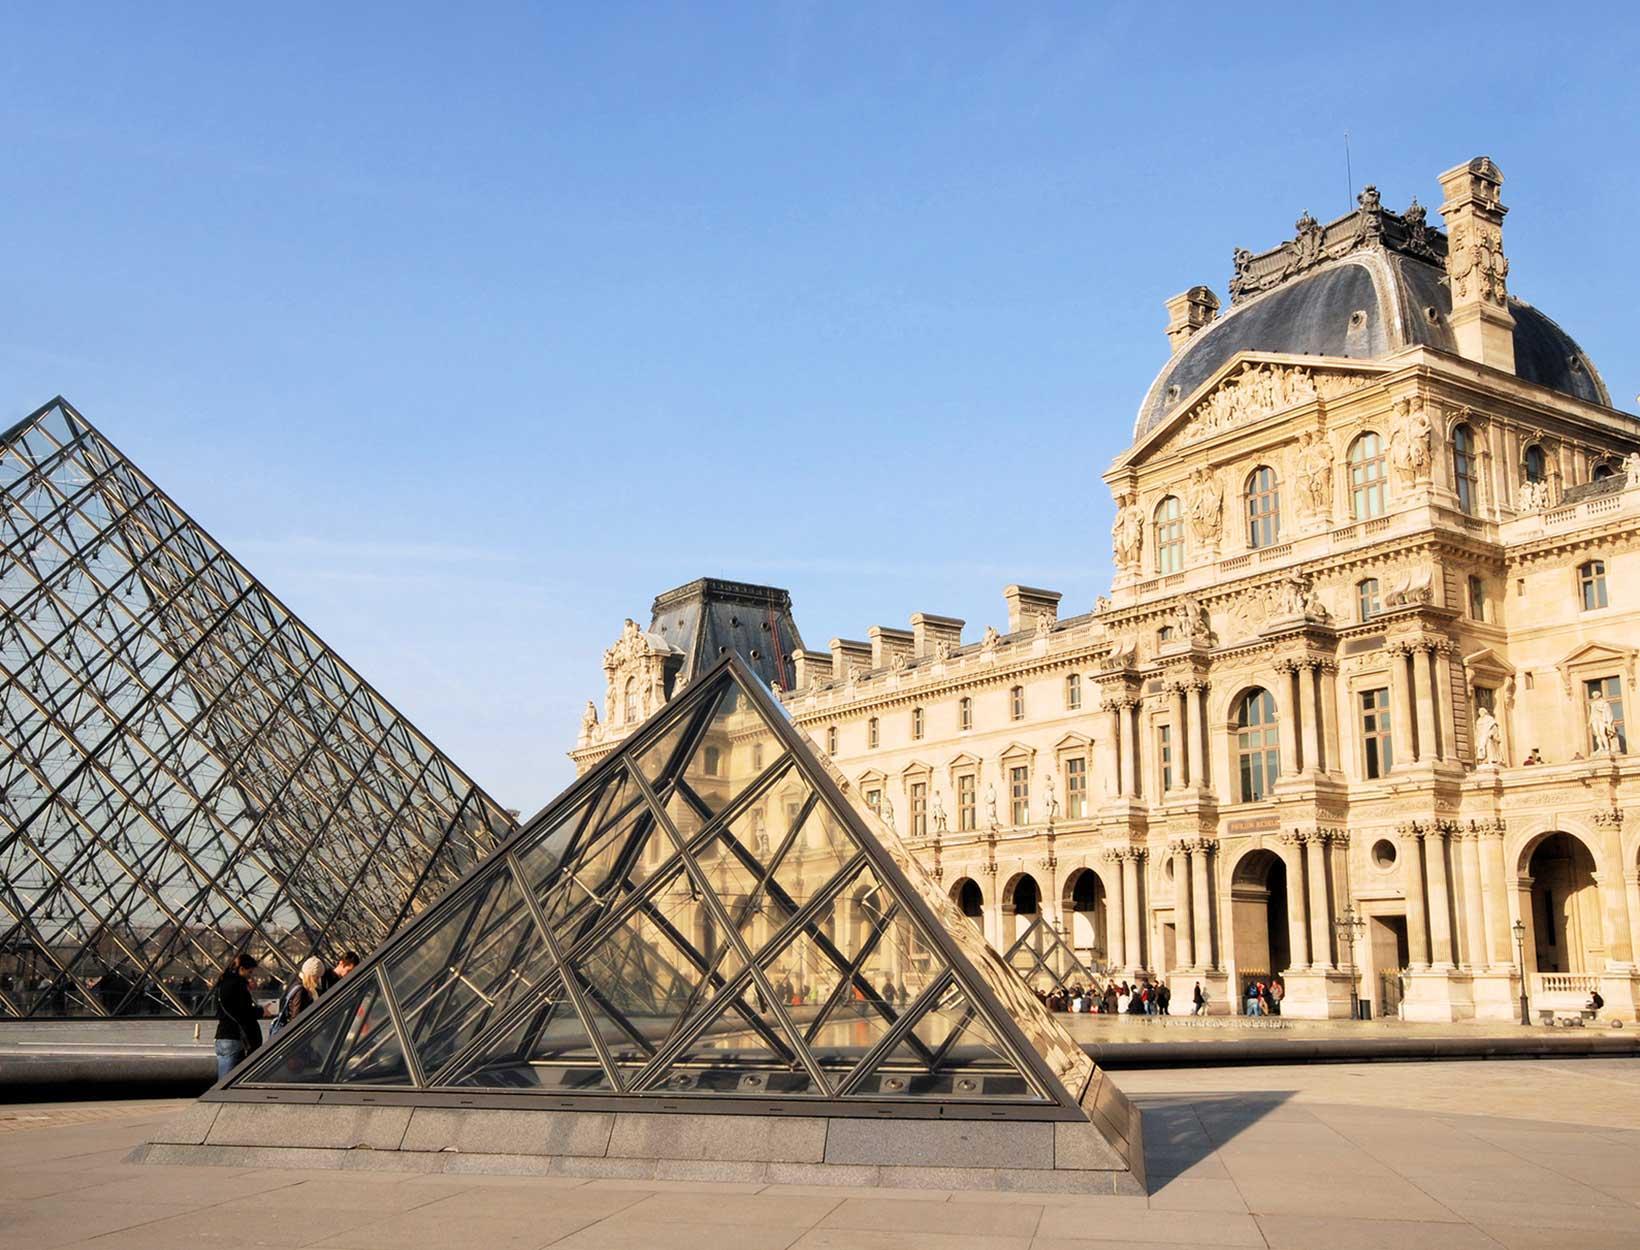 The Louvre, Place Vendôme, and Champs-Élysées Guide | Goop